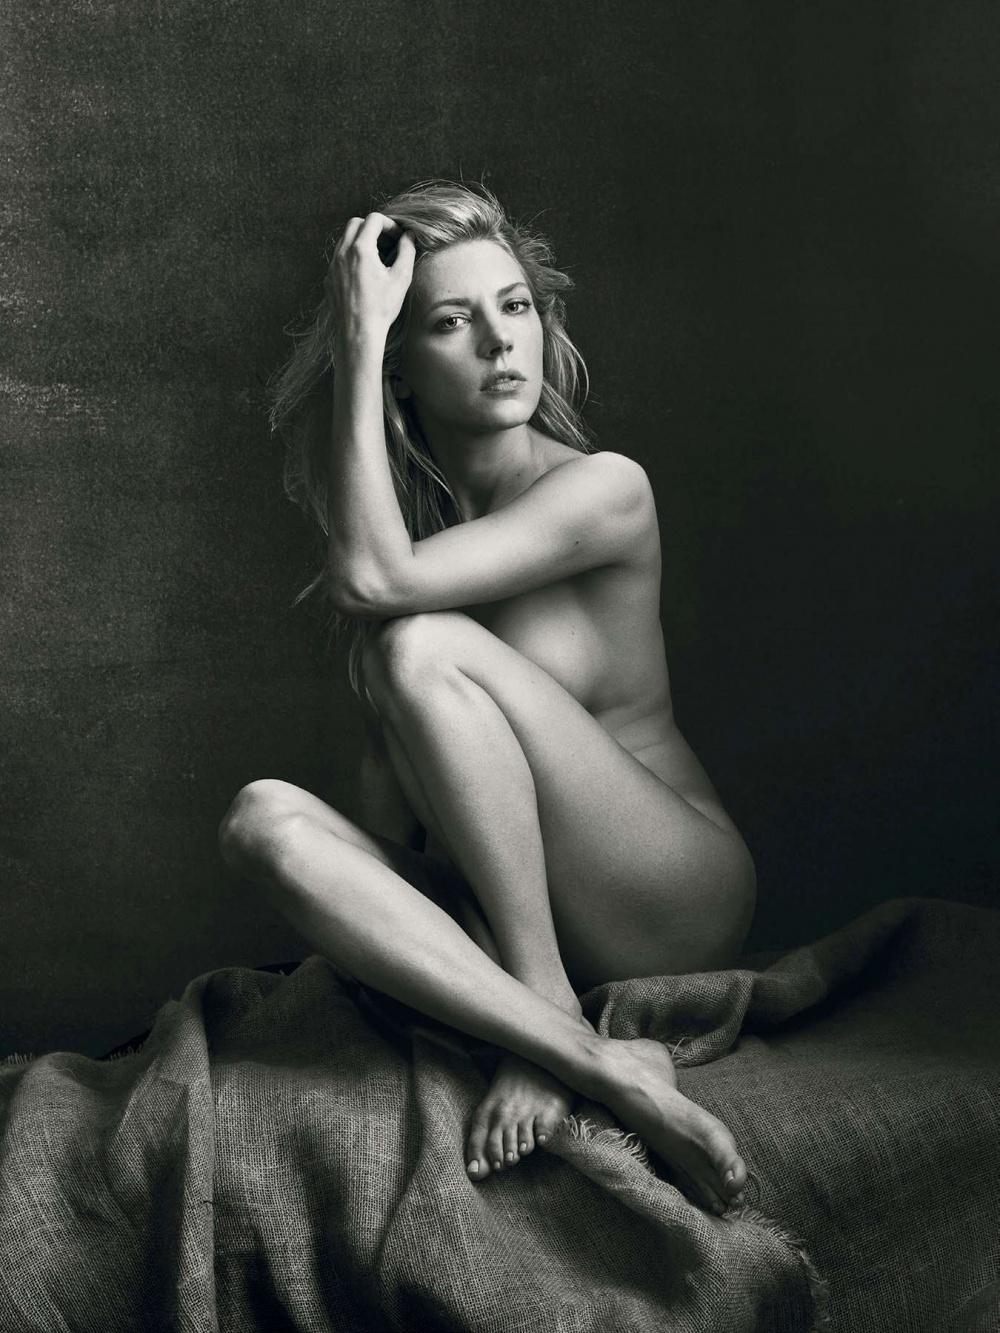 Кэтрин уинник интимные фото